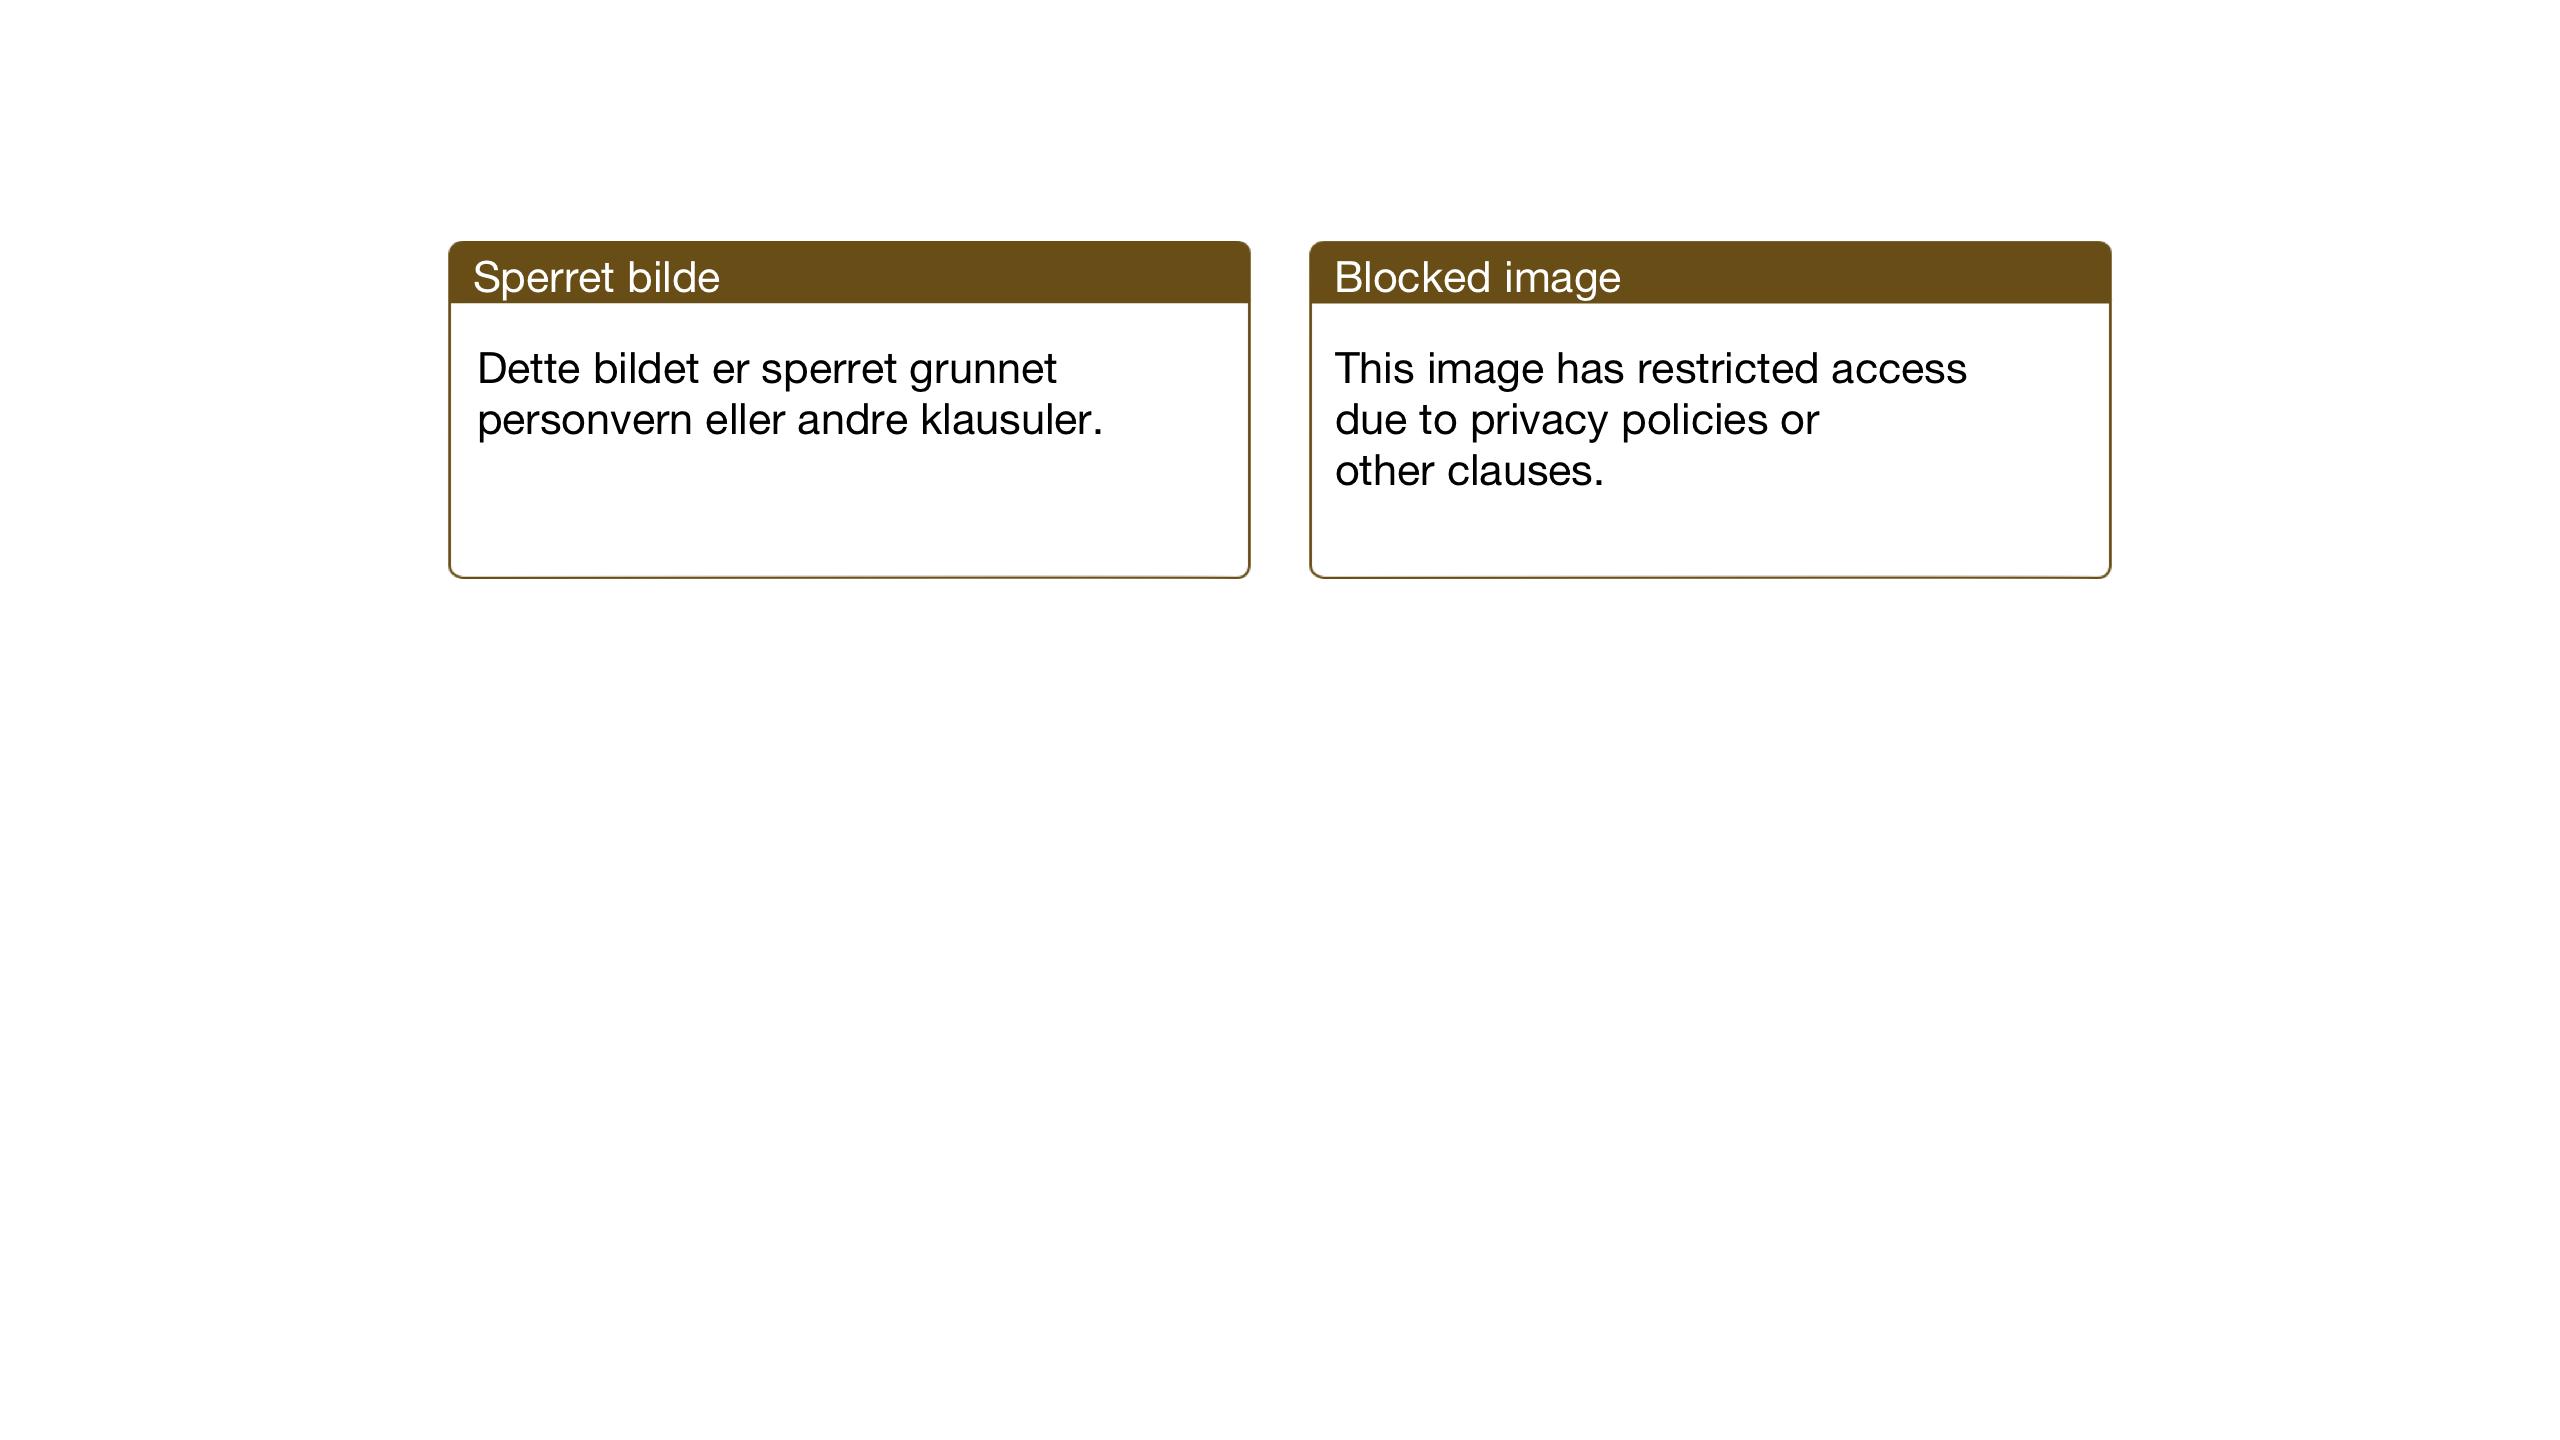 SAT, Ministerialprotokoller, klokkerbøker og fødselsregistre - Nord-Trøndelag, 714/L0136: Klokkerbok nr. 714C05, 1918-1957, s. 225